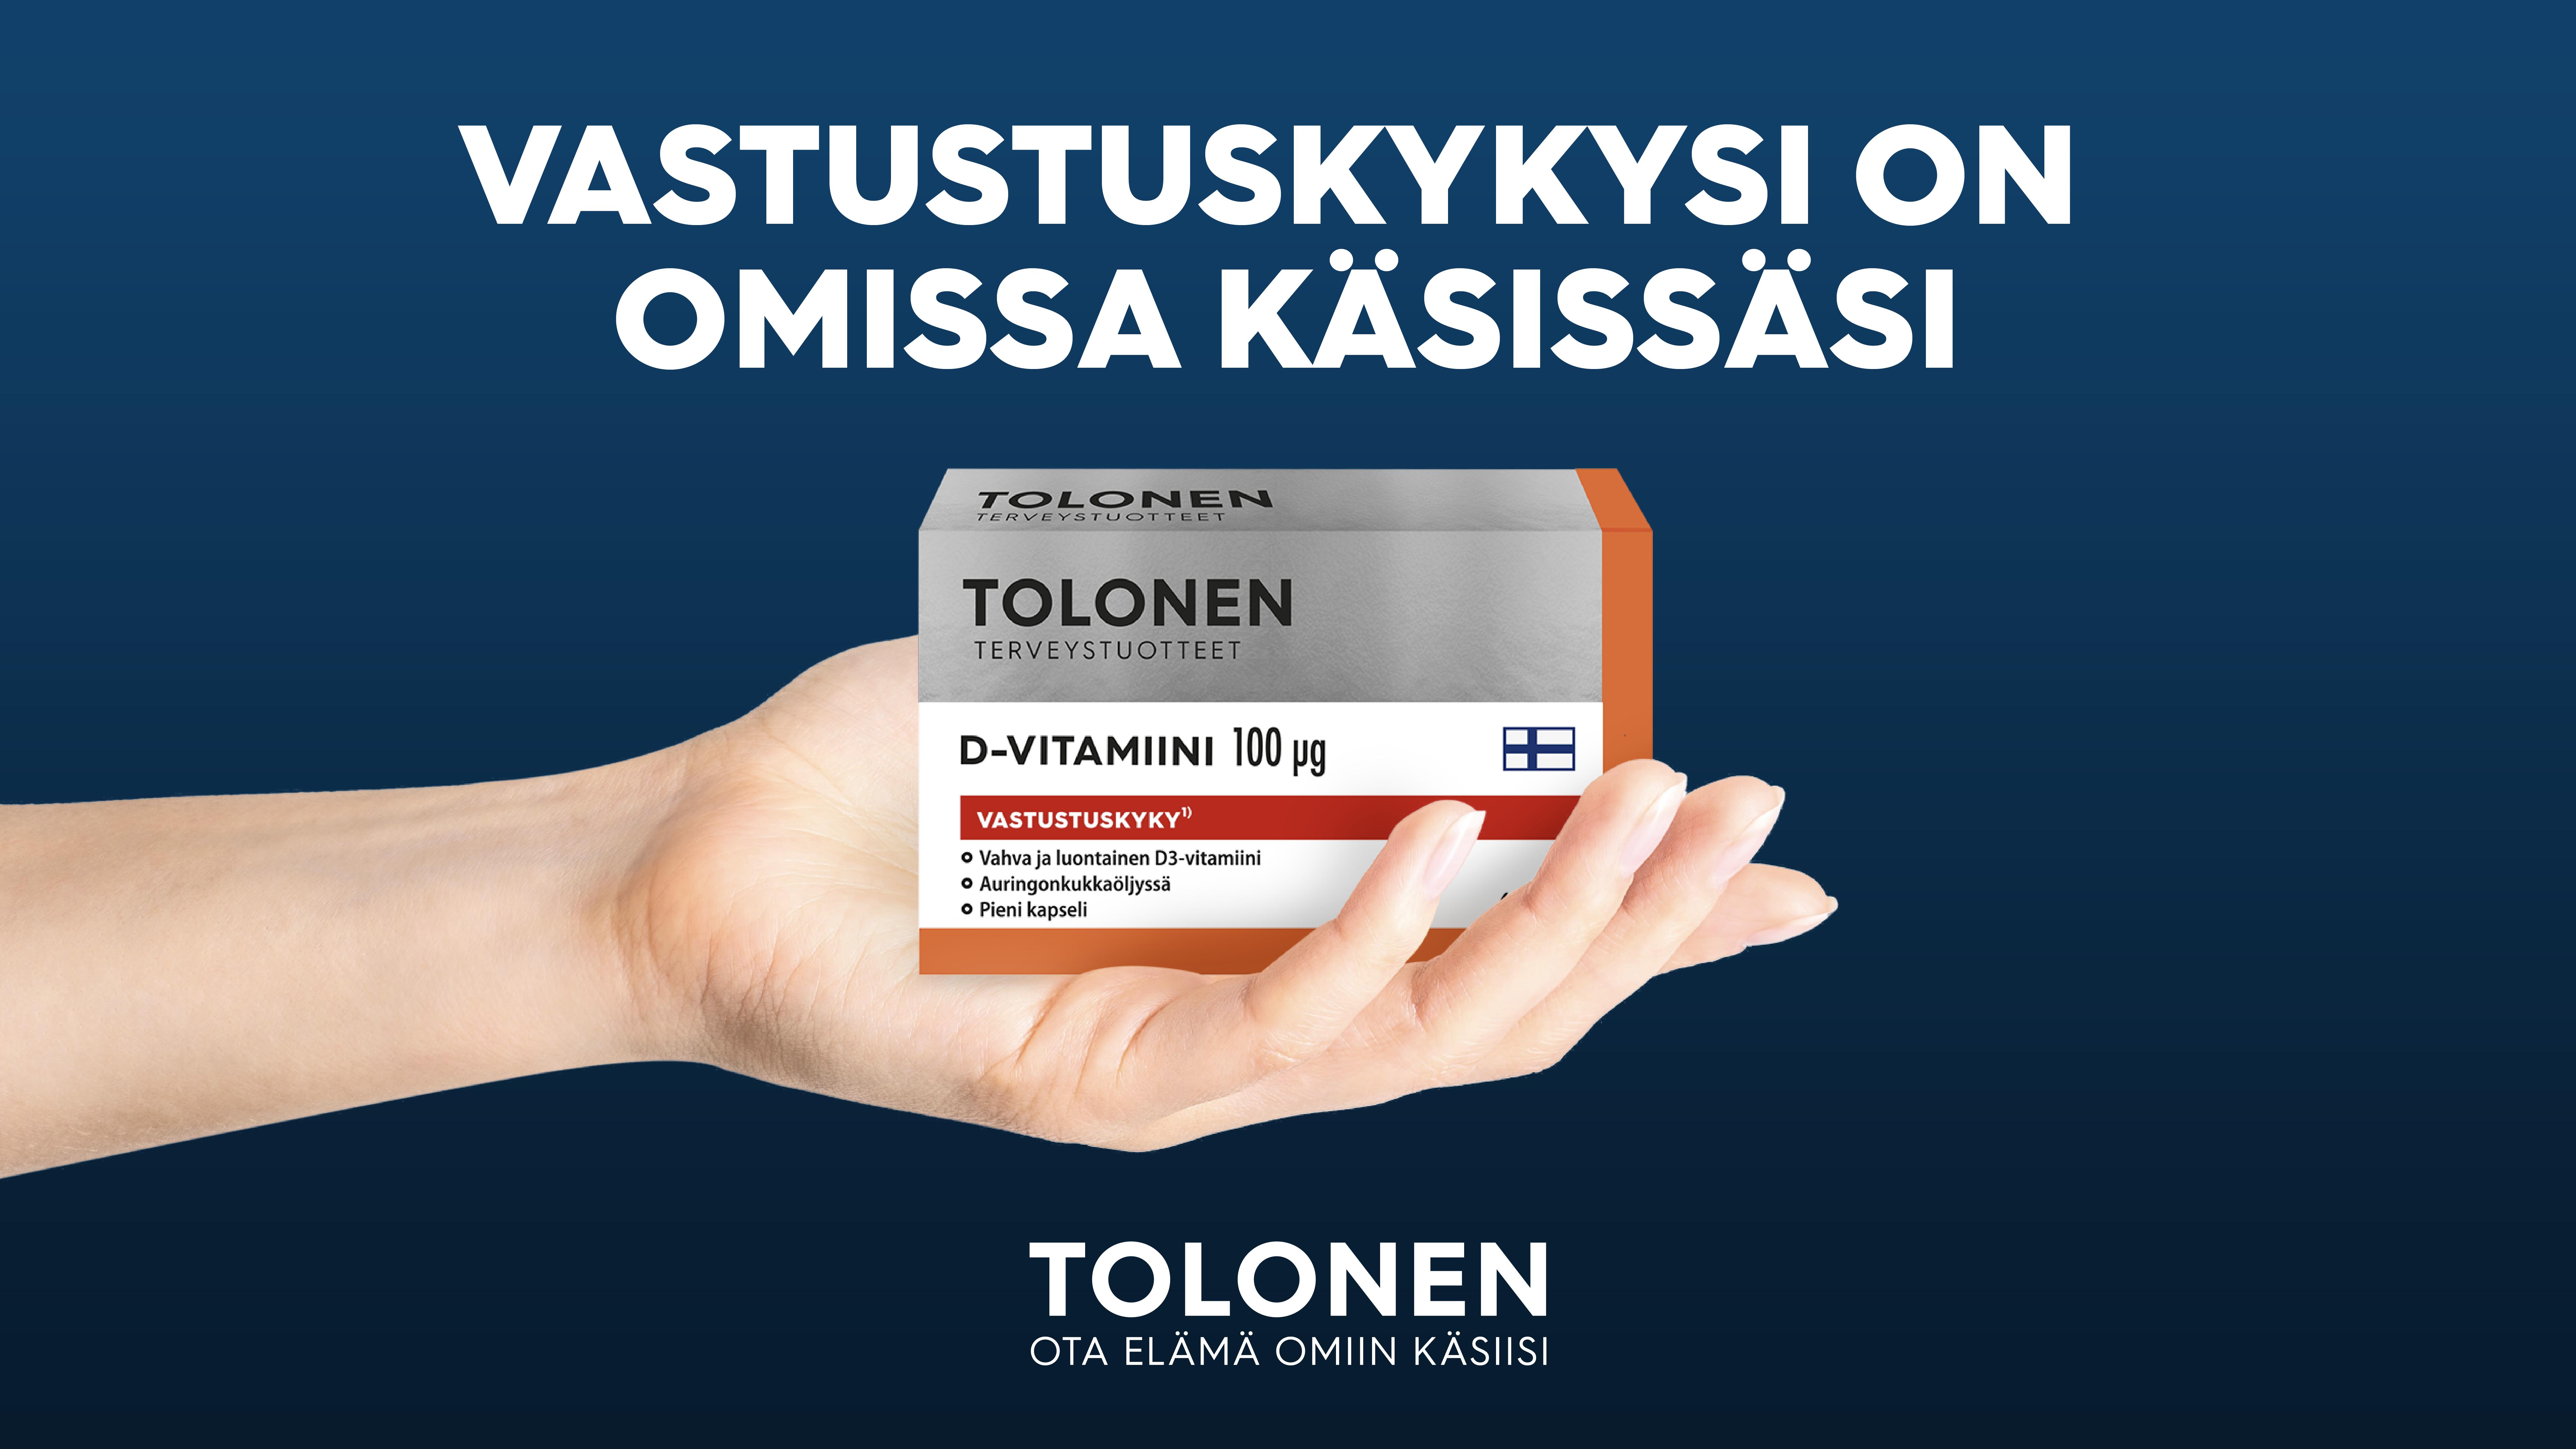 Vahva Tolonen D-vitamiini syksyyn. Vastustuskyky on omissa käsissäsi!